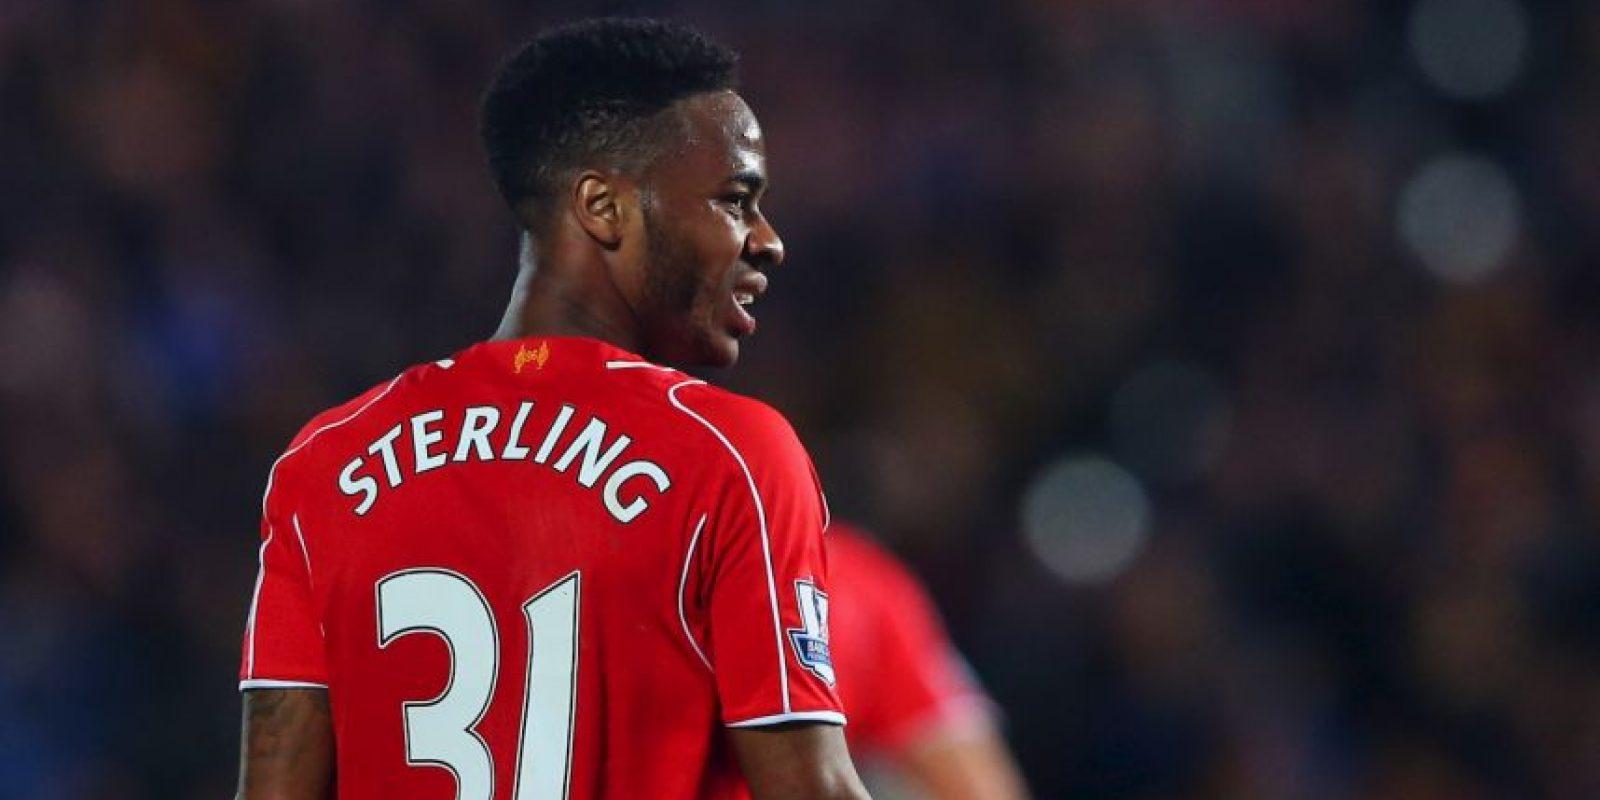 """Es un futbolista inglés de raíces jamaicanas que juega en el primer equipo de los """"Reds"""" desde 2012 Foto:Getty Images"""